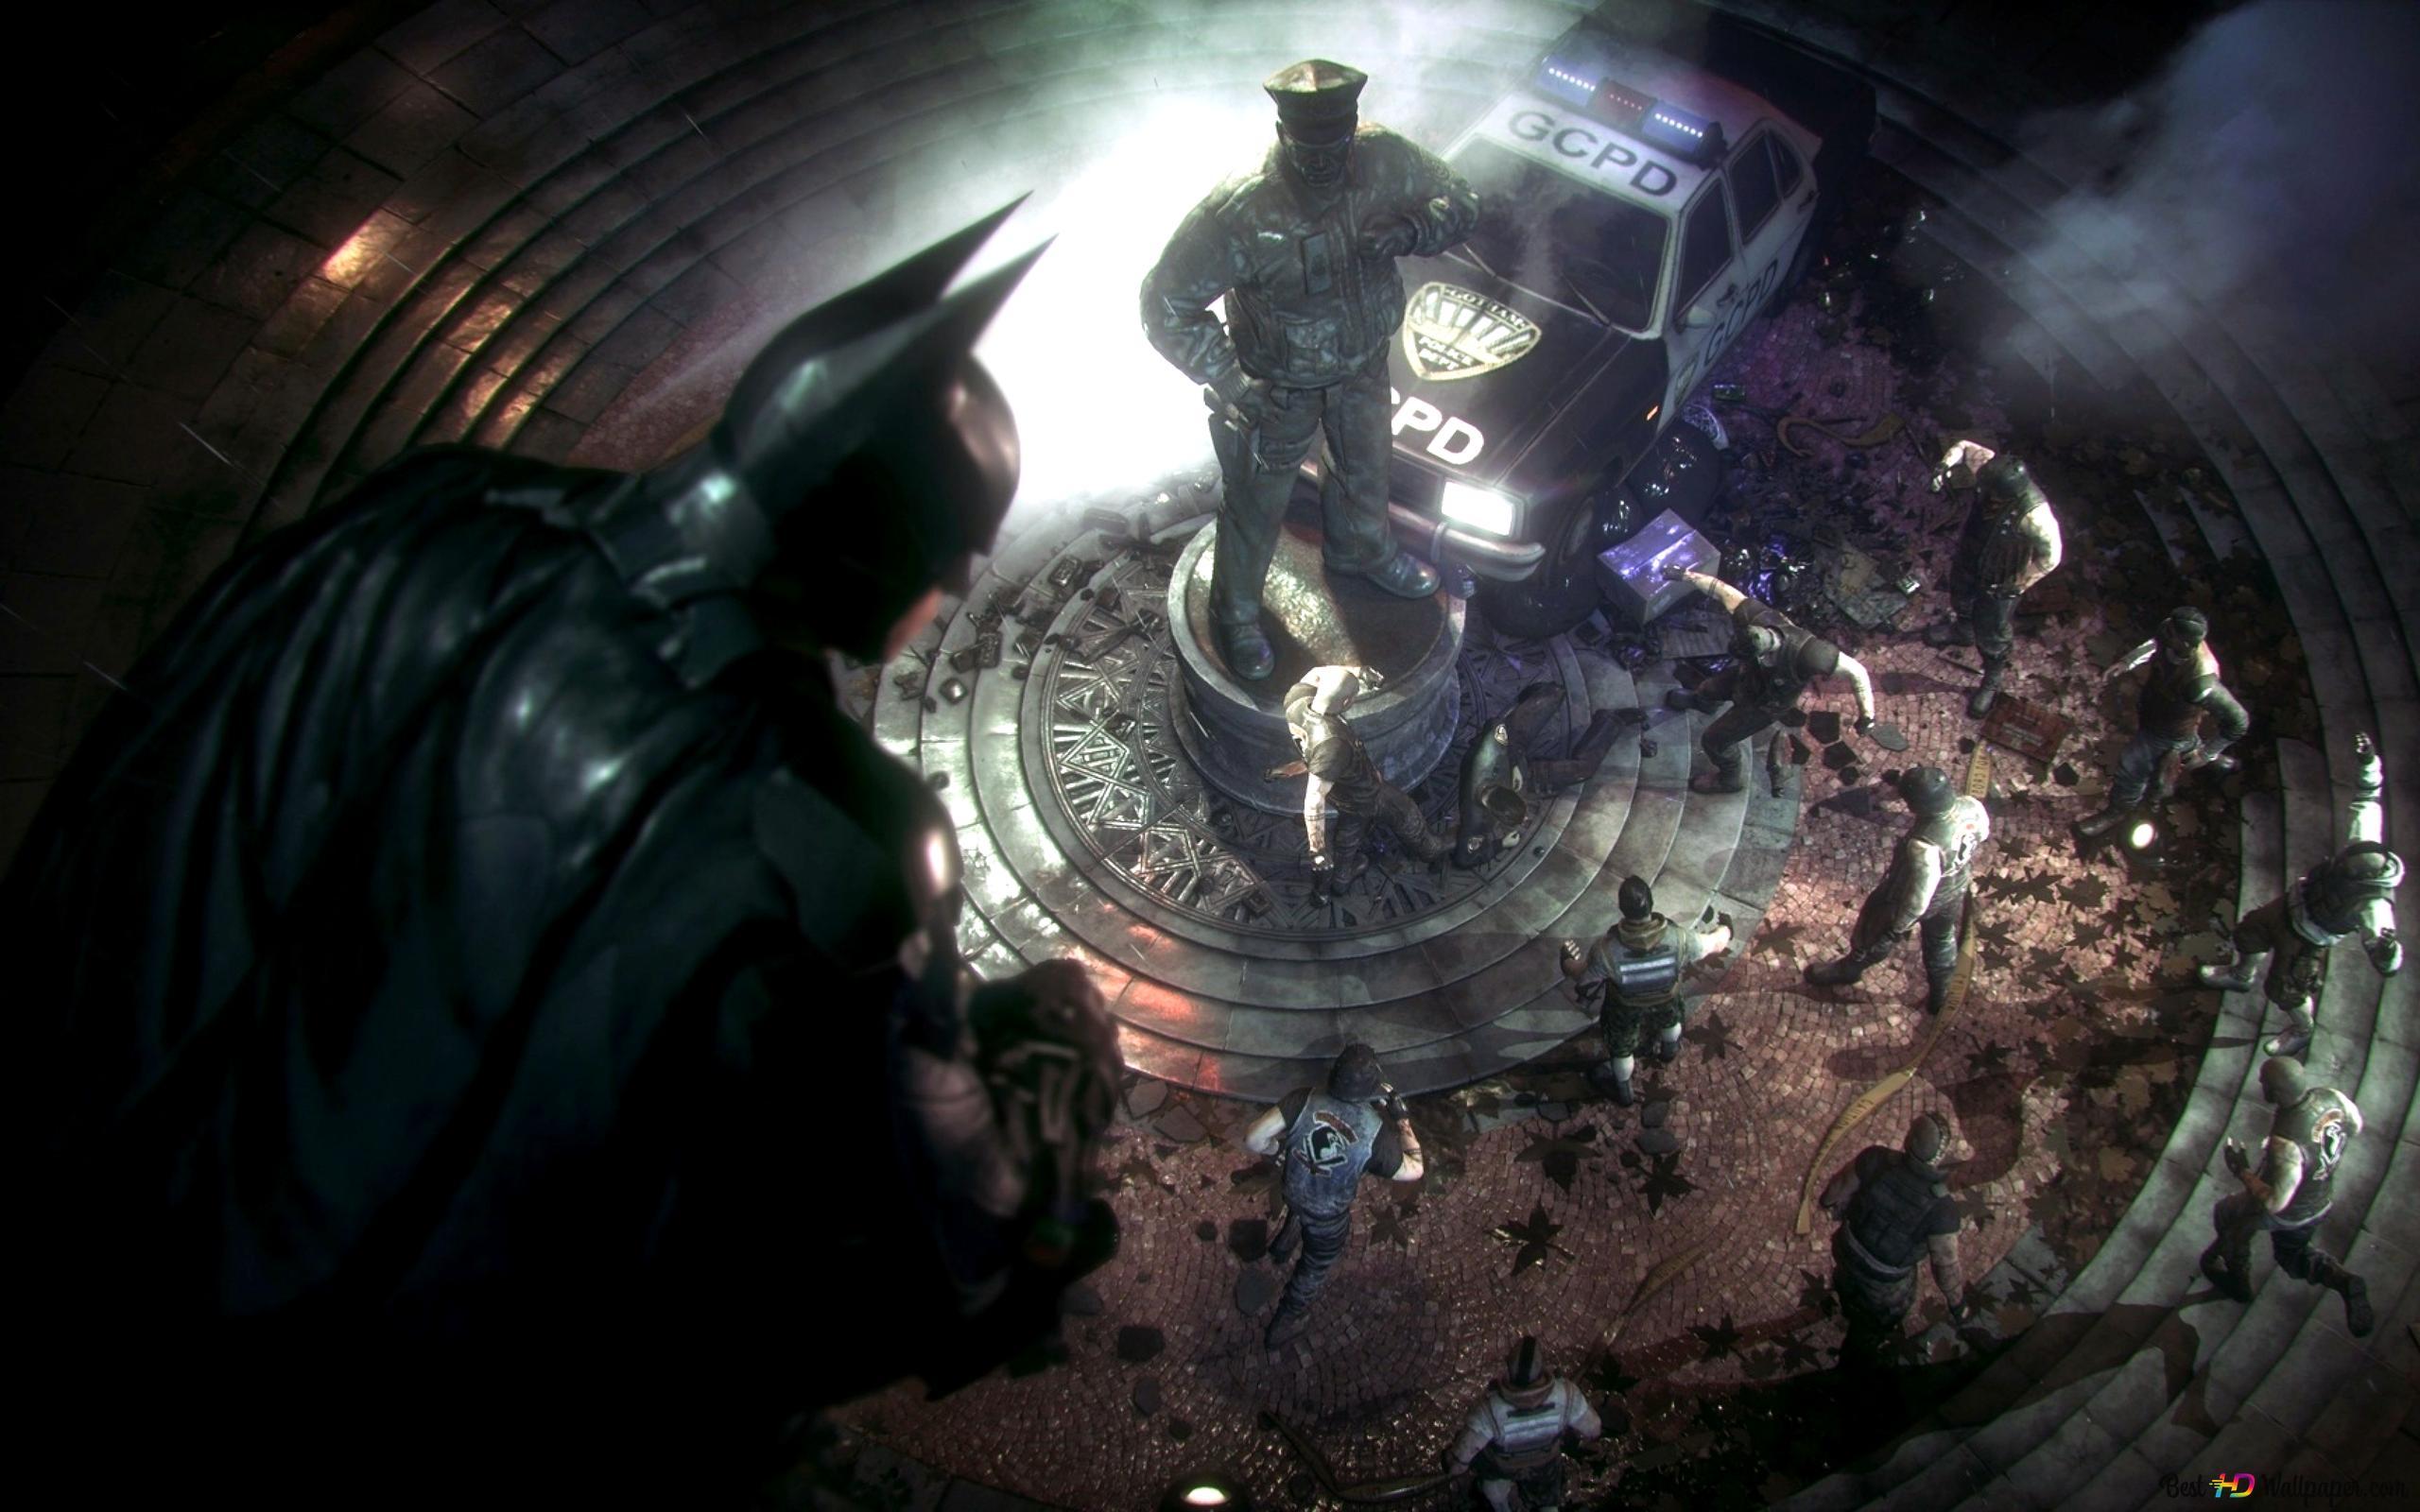 蝙蝠侠 阿卡姆骑士高清壁纸下载